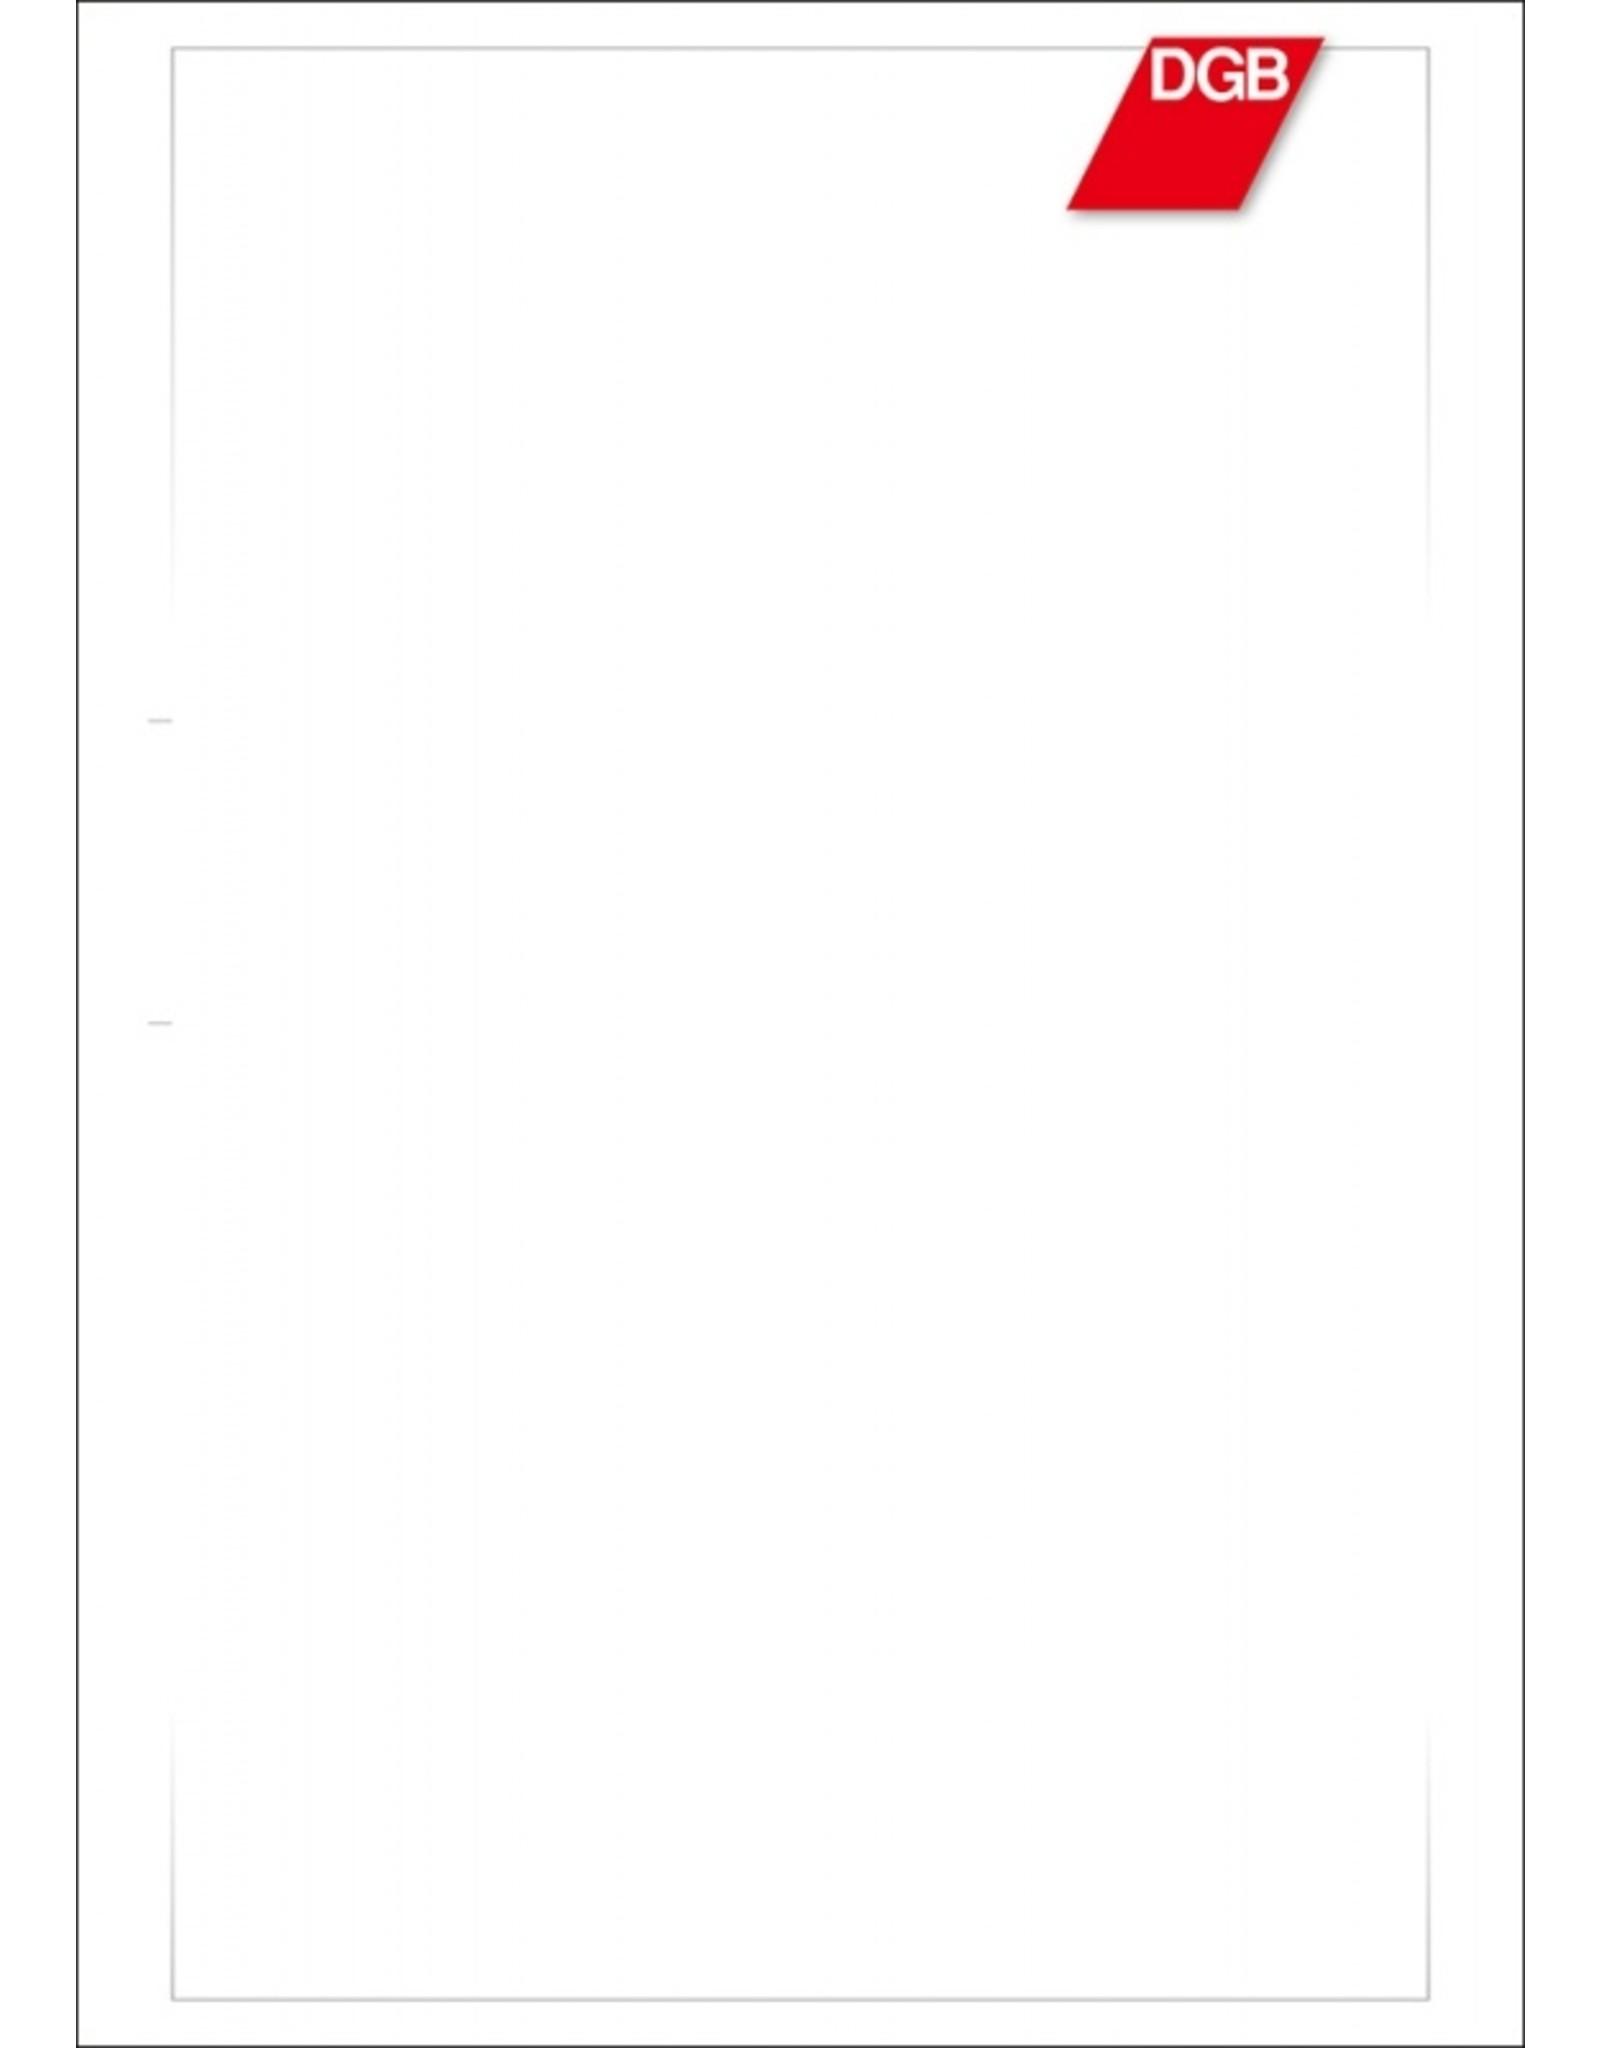 DGB Briefblattvordrucke A4, 80g/qm